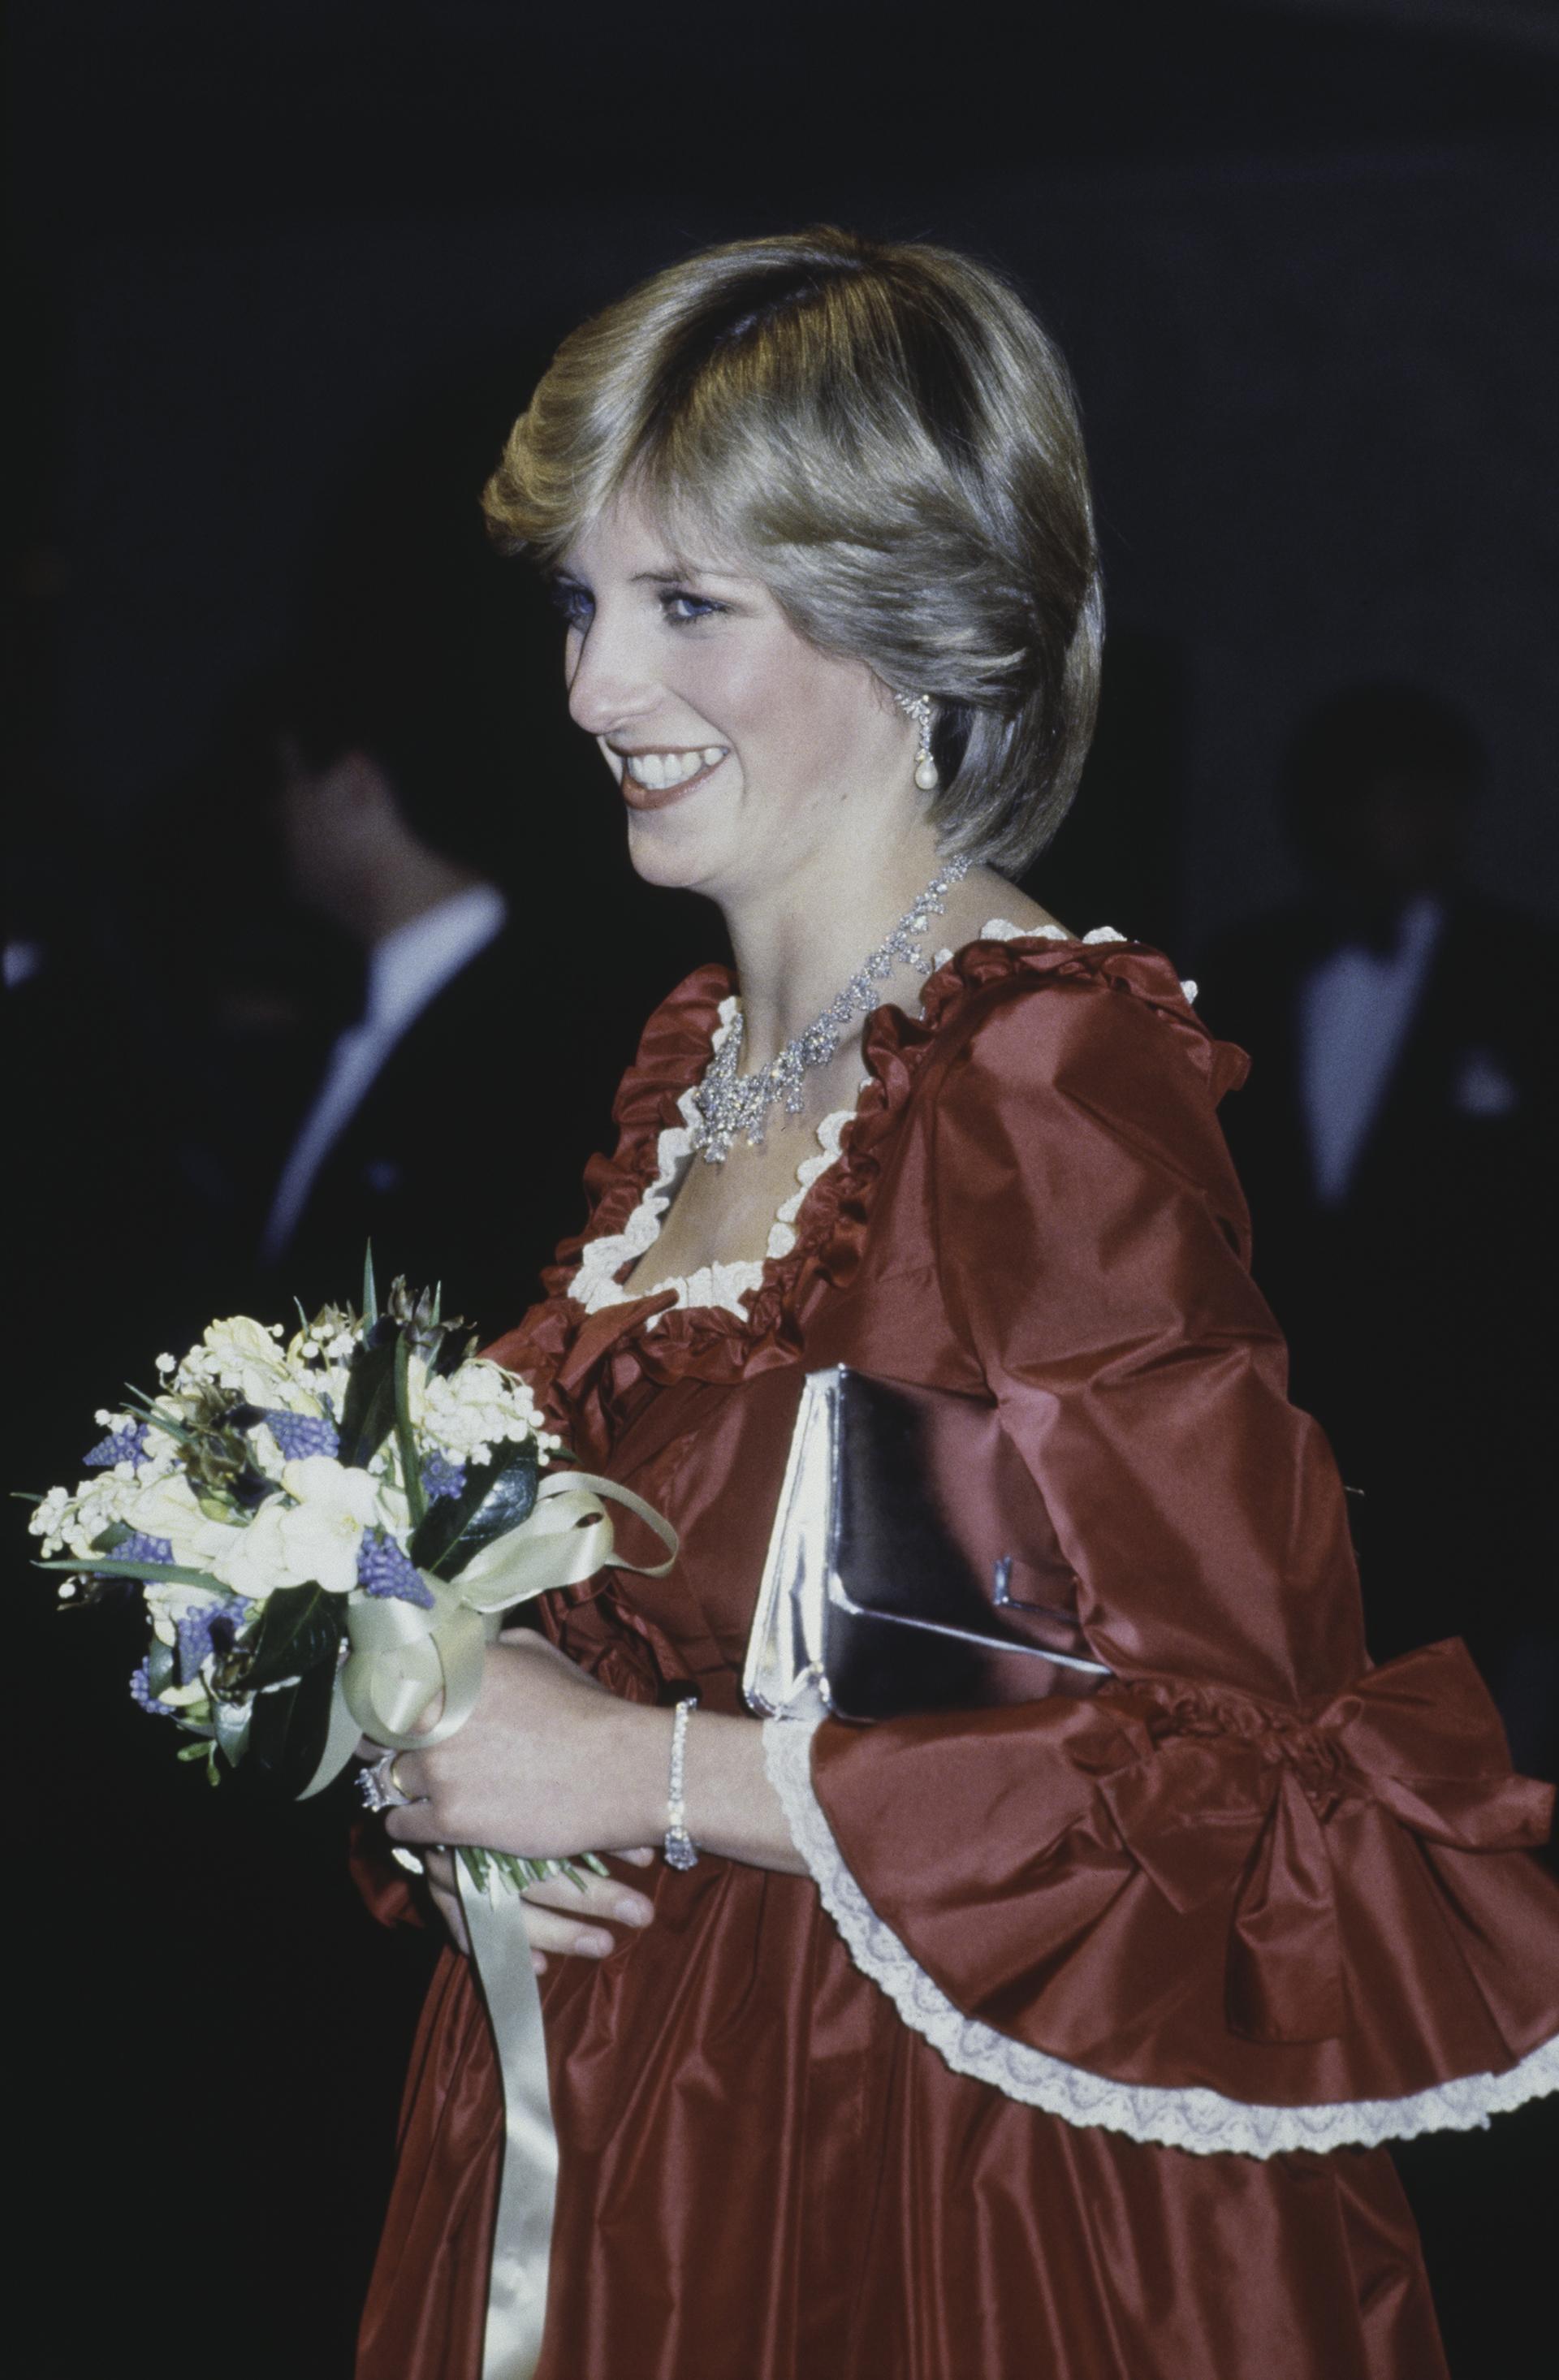 Los vestidos en dos colores y voluptuosos eran sus favoritospara concurrir a los eventos, galas o cenas homenaje (Getty Images)